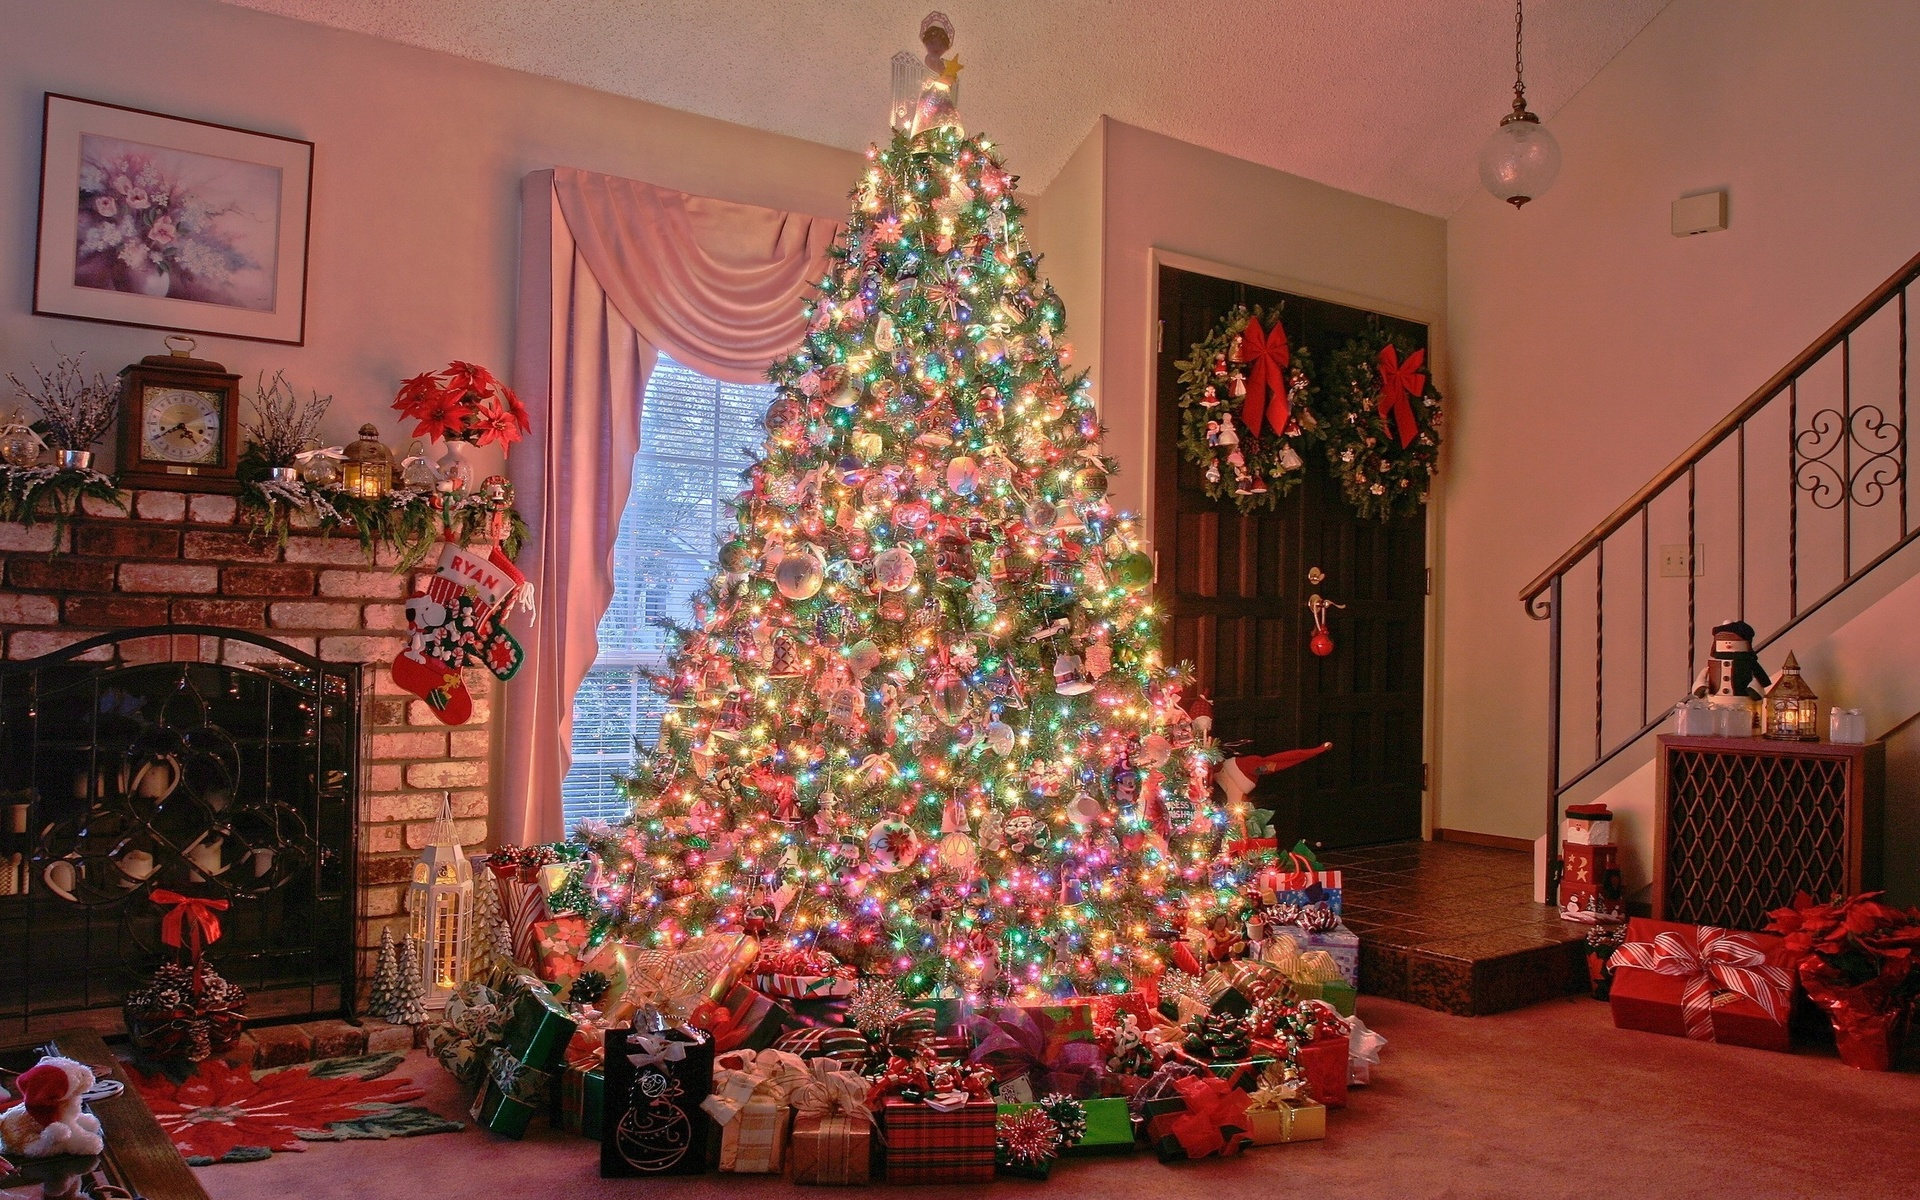 Новогодняя елка открытки и фотографии, эмблемы